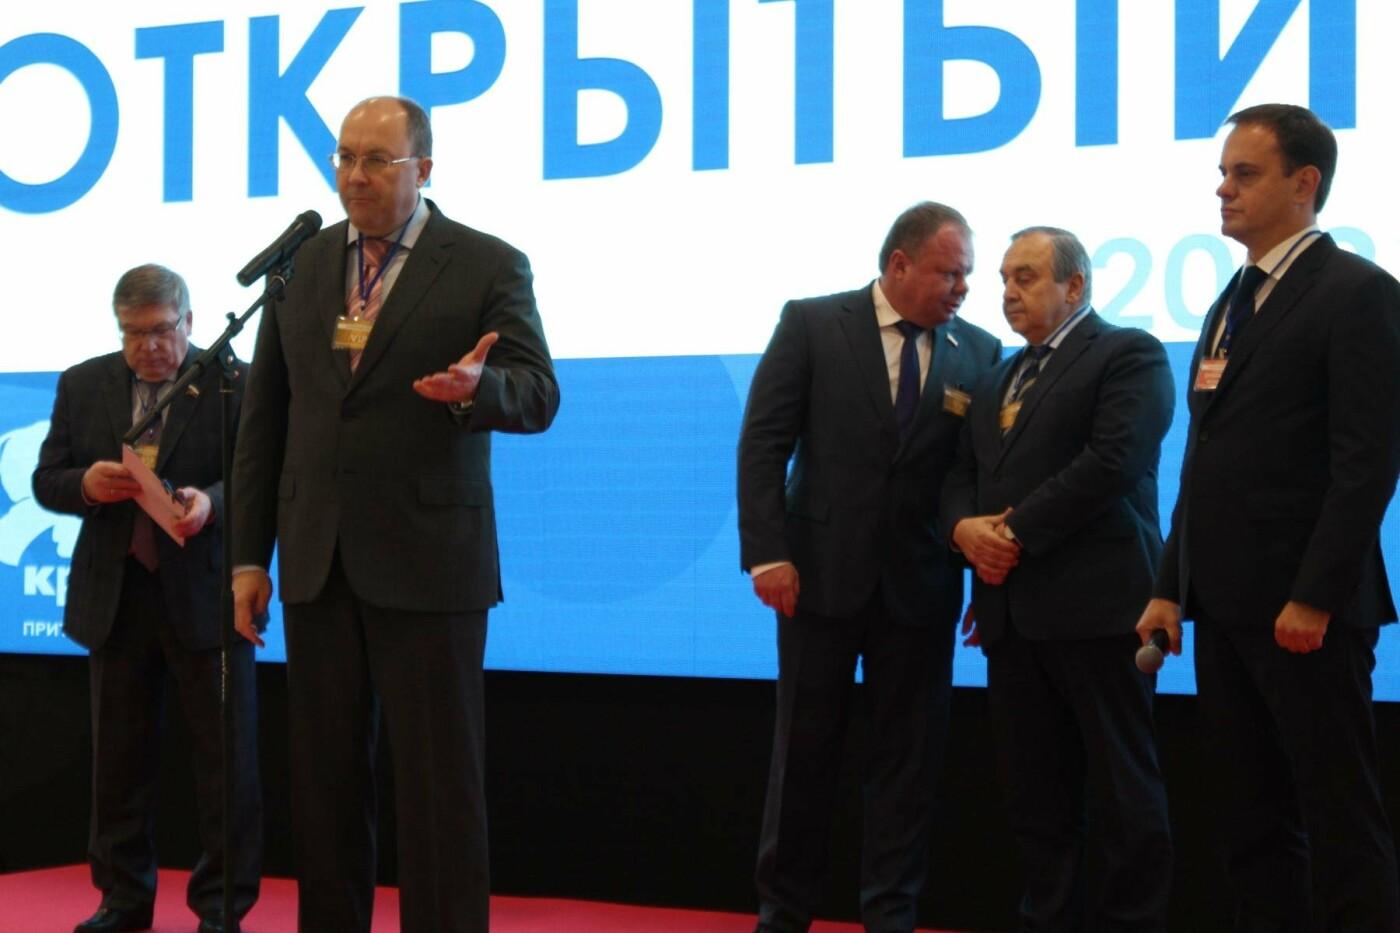 Крым открыт для всех. Начал свою работу VI туристский форум Открытый Крым, фото-2